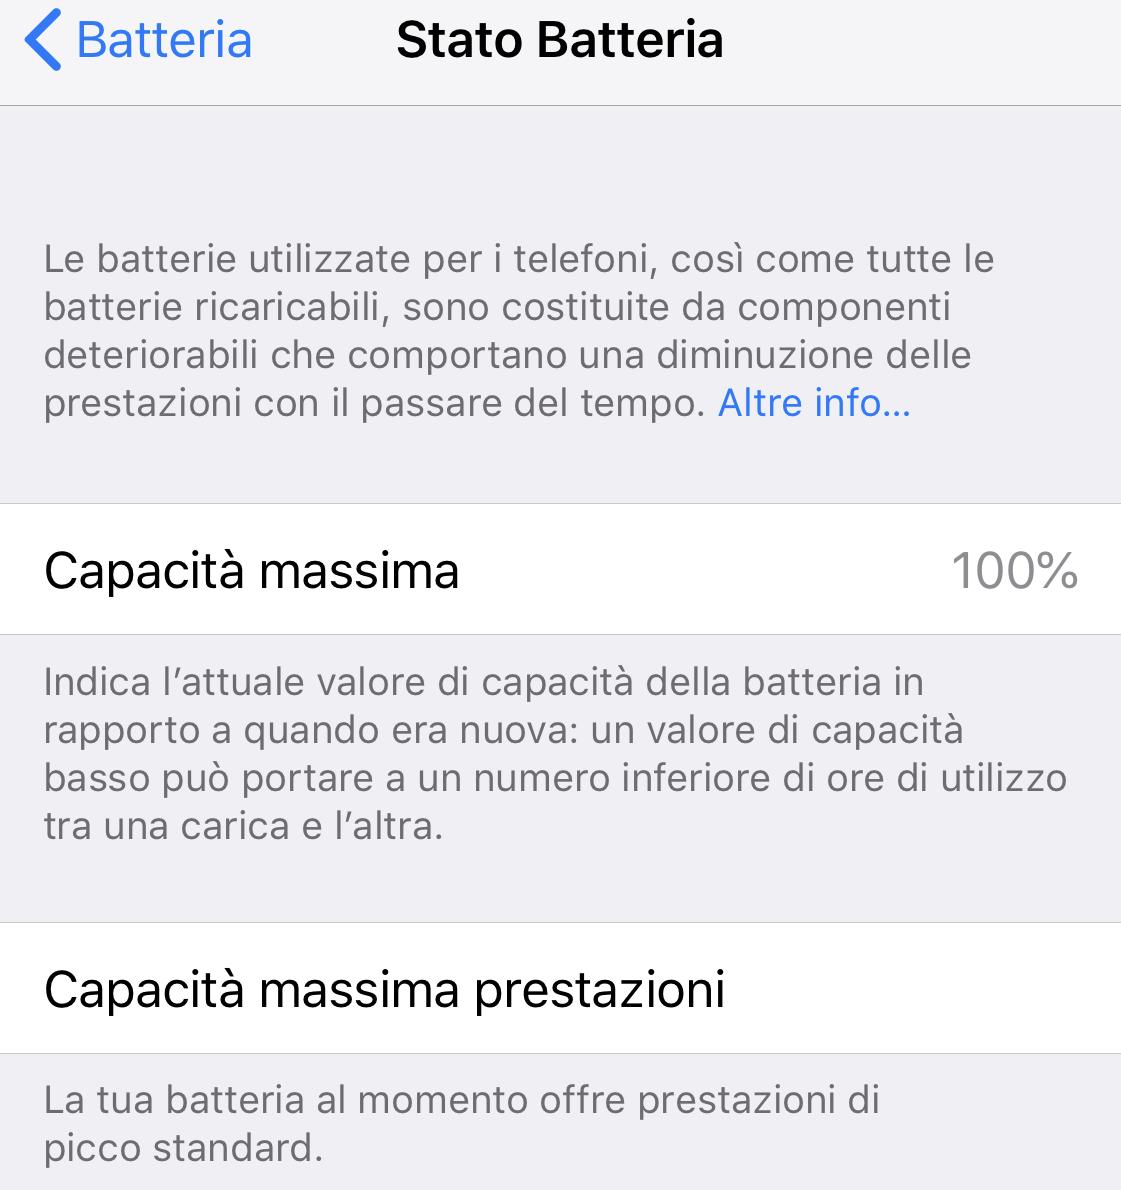 Capacità massima batteria iPhone